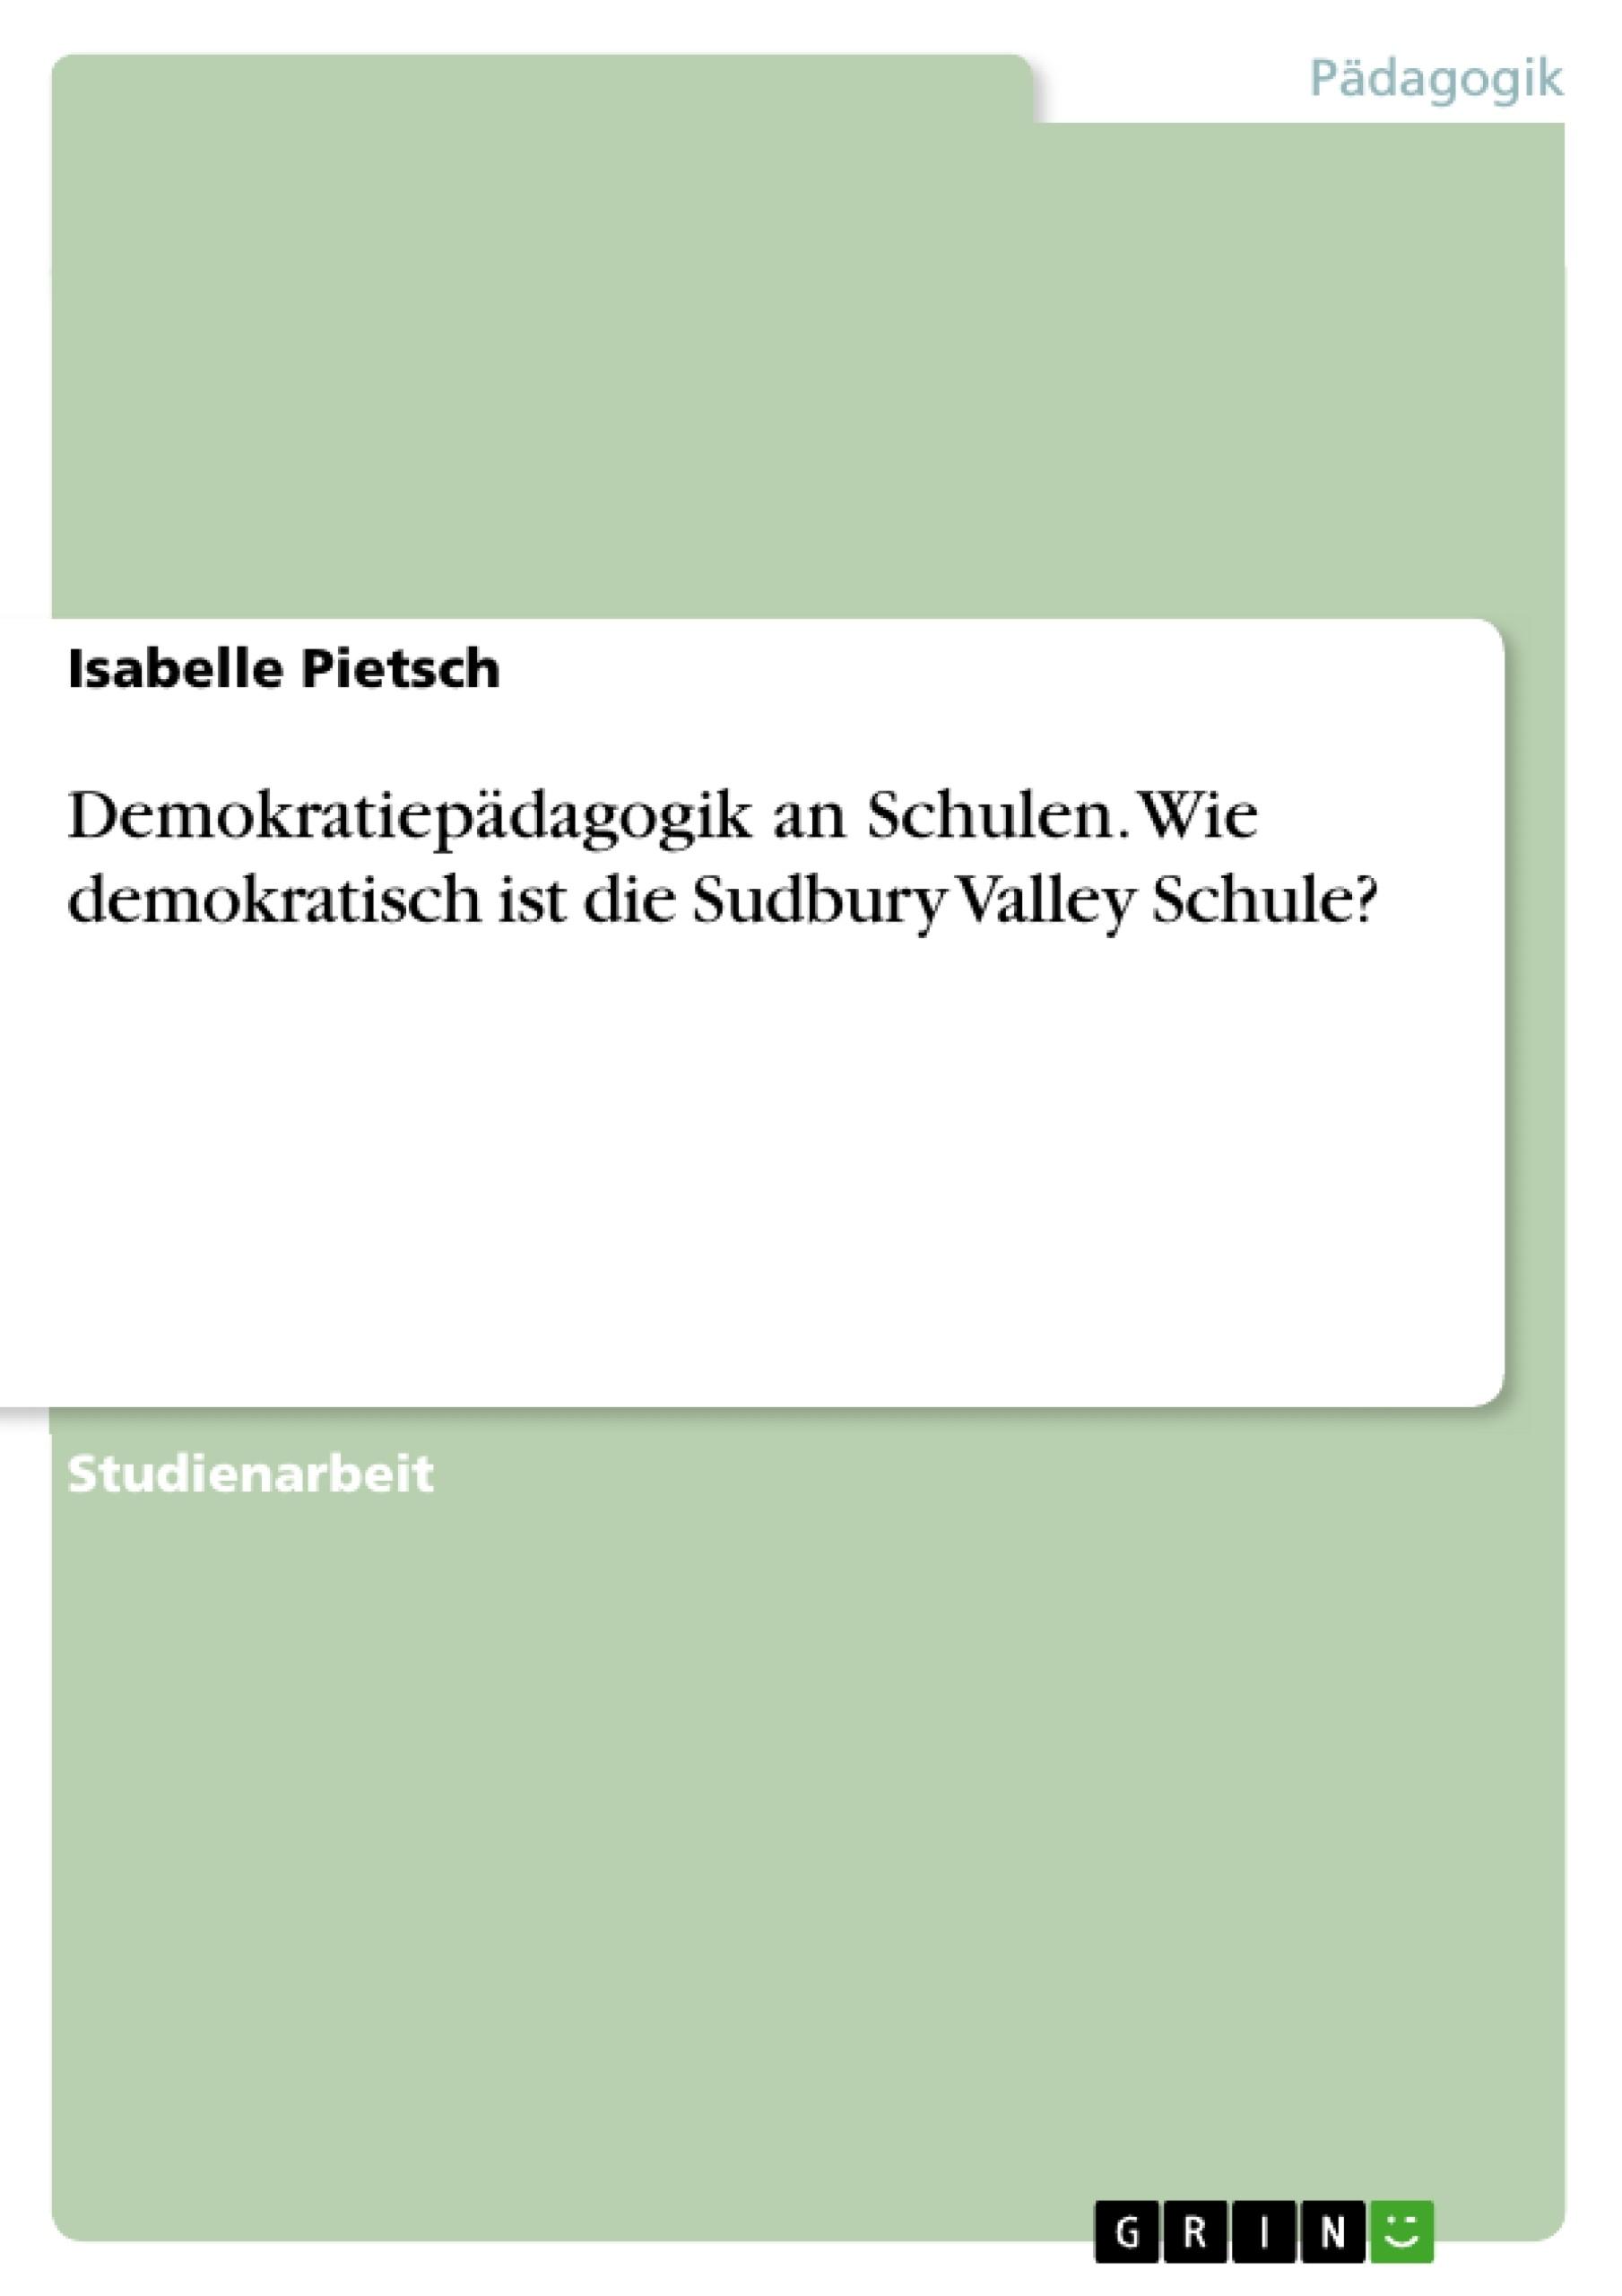 Titel: Demokratiepädagogik an Schulen. Wie demokratisch ist die Sudbury Valley Schule?